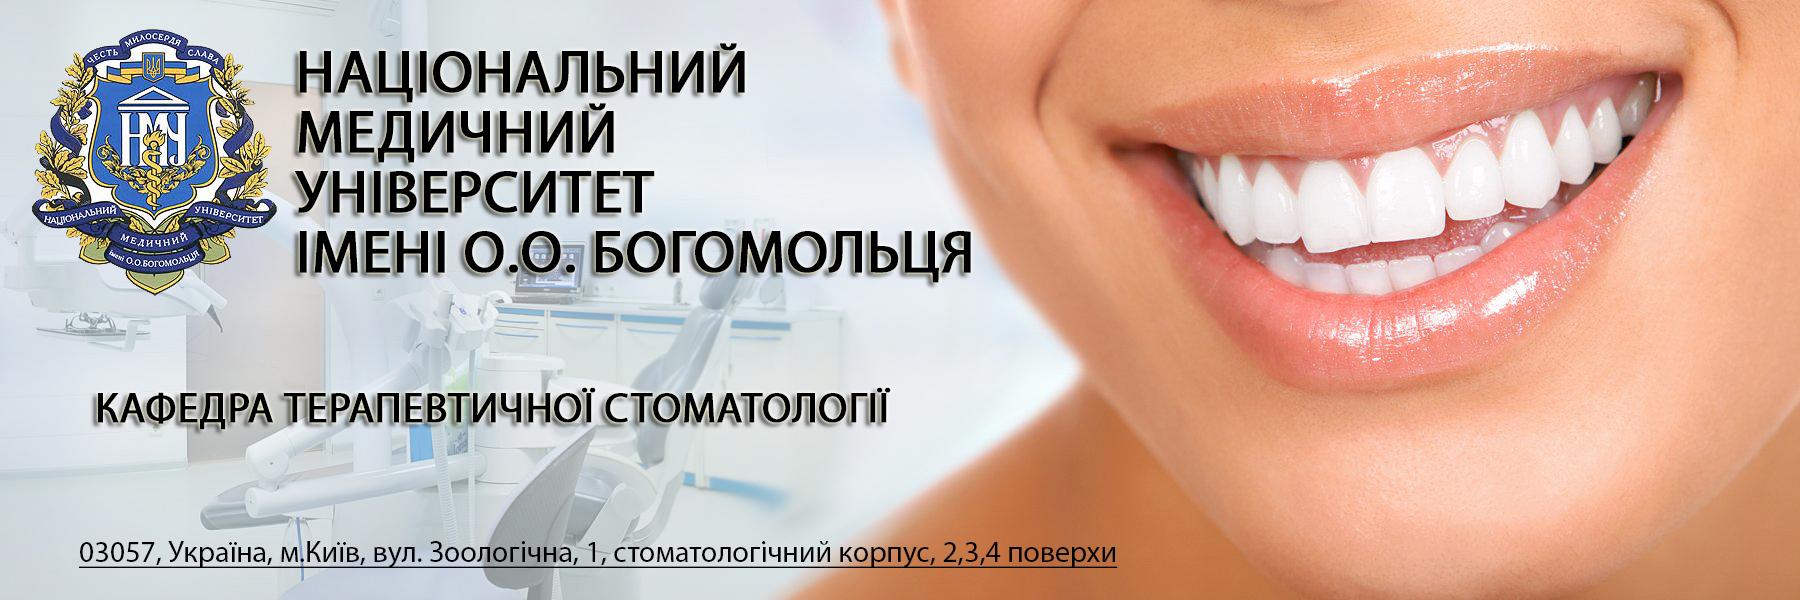 Кафедра терапевтичної стоматології НМУ імені О.О.Богомольця